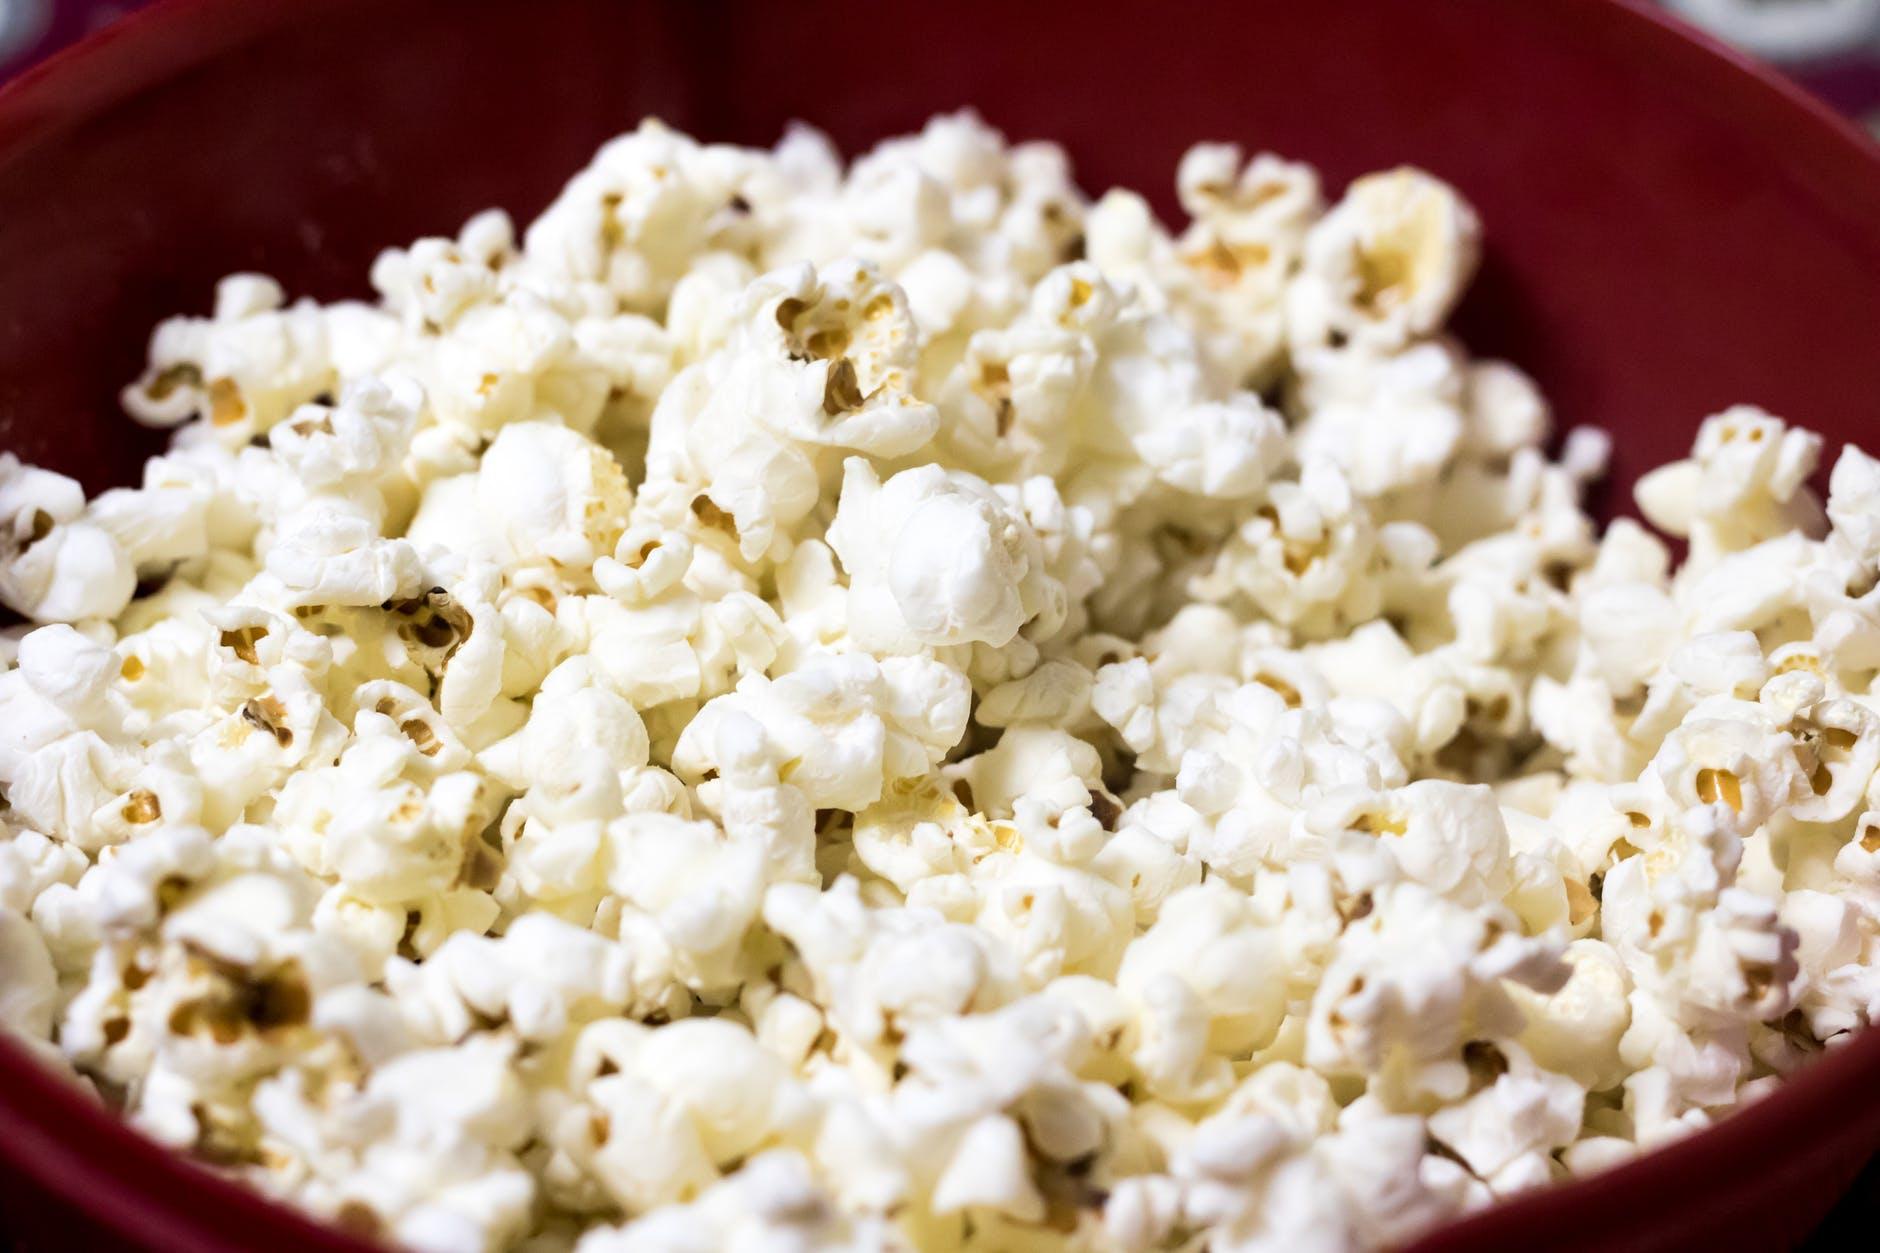 Whole White Popcorn